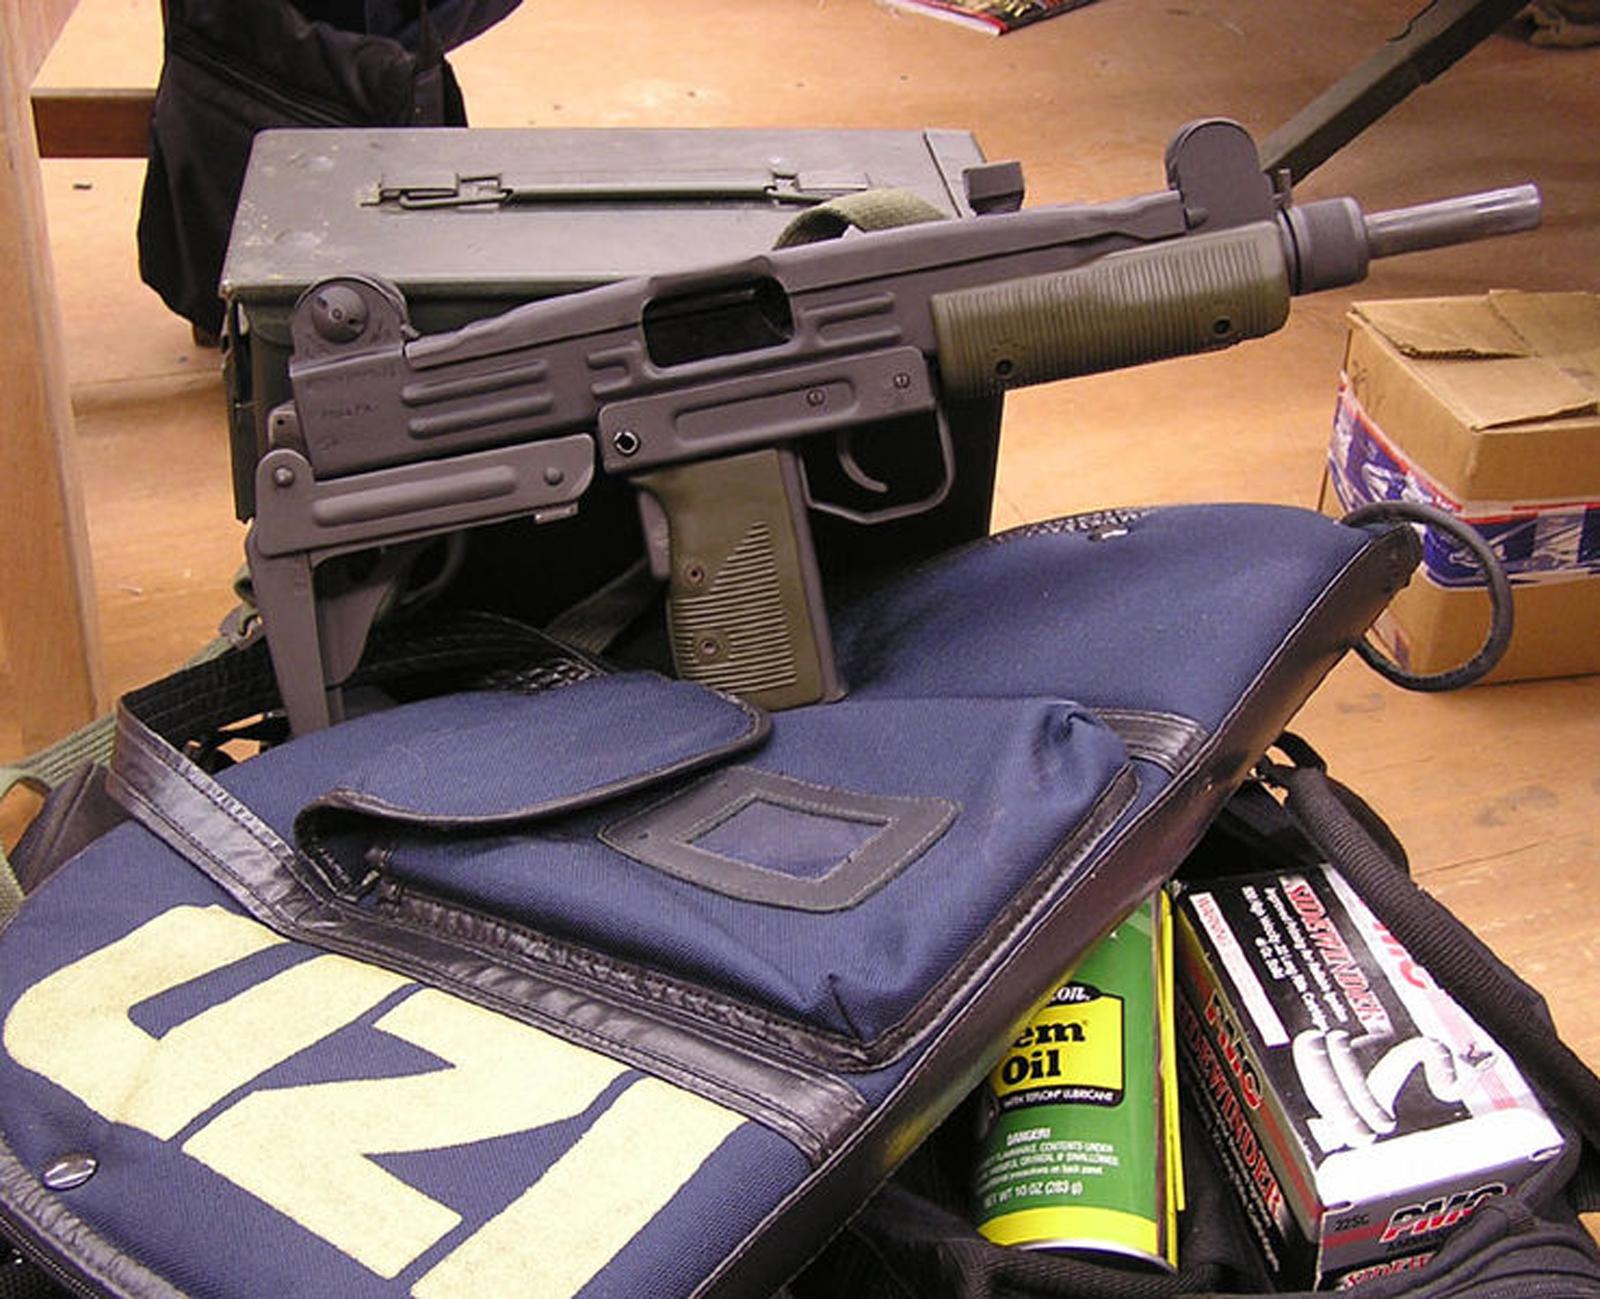 Wallbase Hd Wallpapers Pro Uzi Imi Machine Guns Hd Wallpapers Military Wallbase